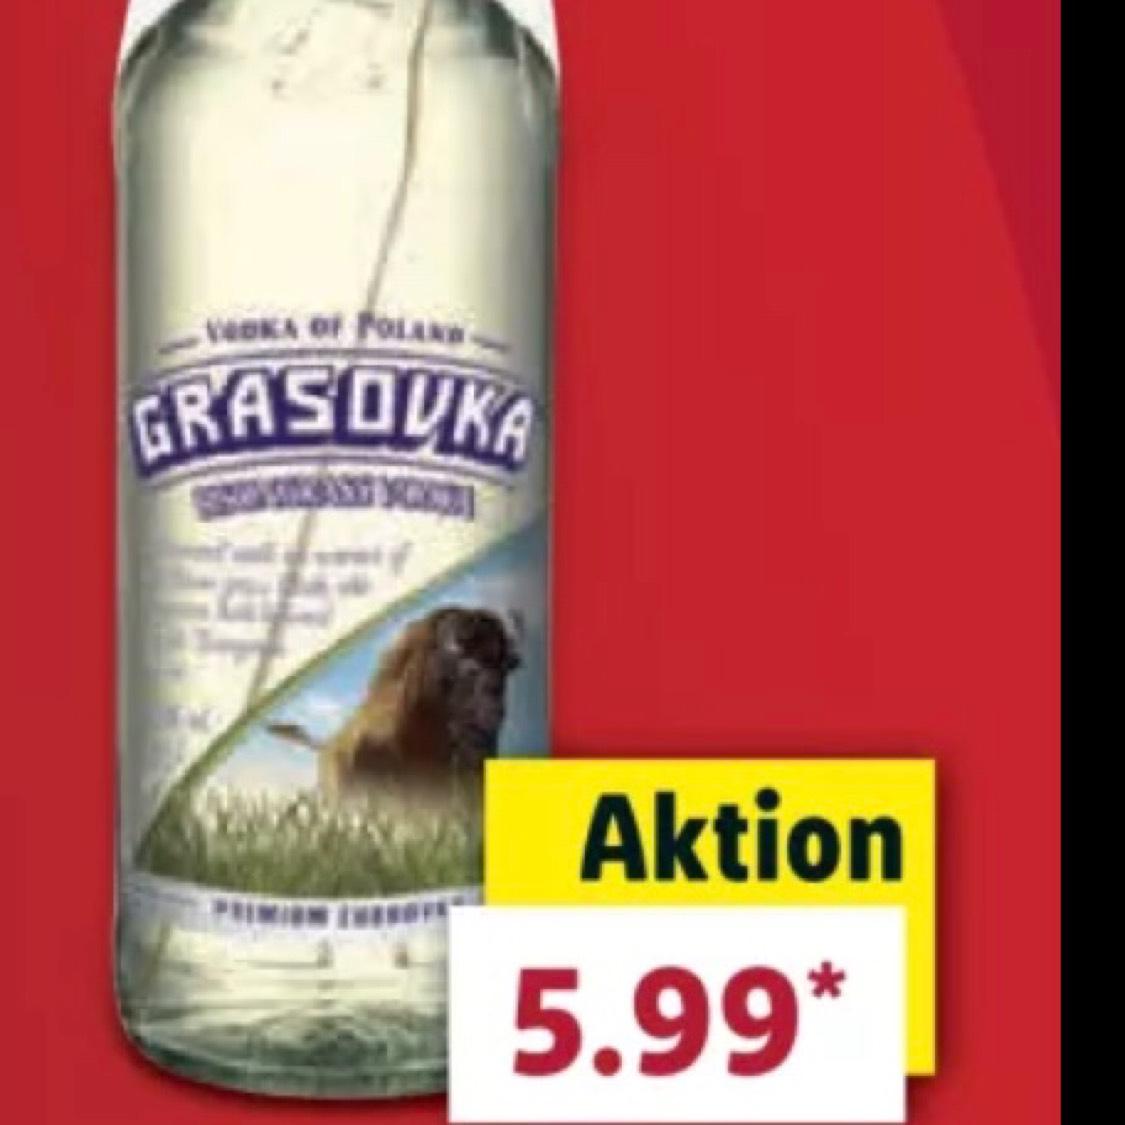 (Lidl) 0,5l Grasovka Wodka für 5,99€